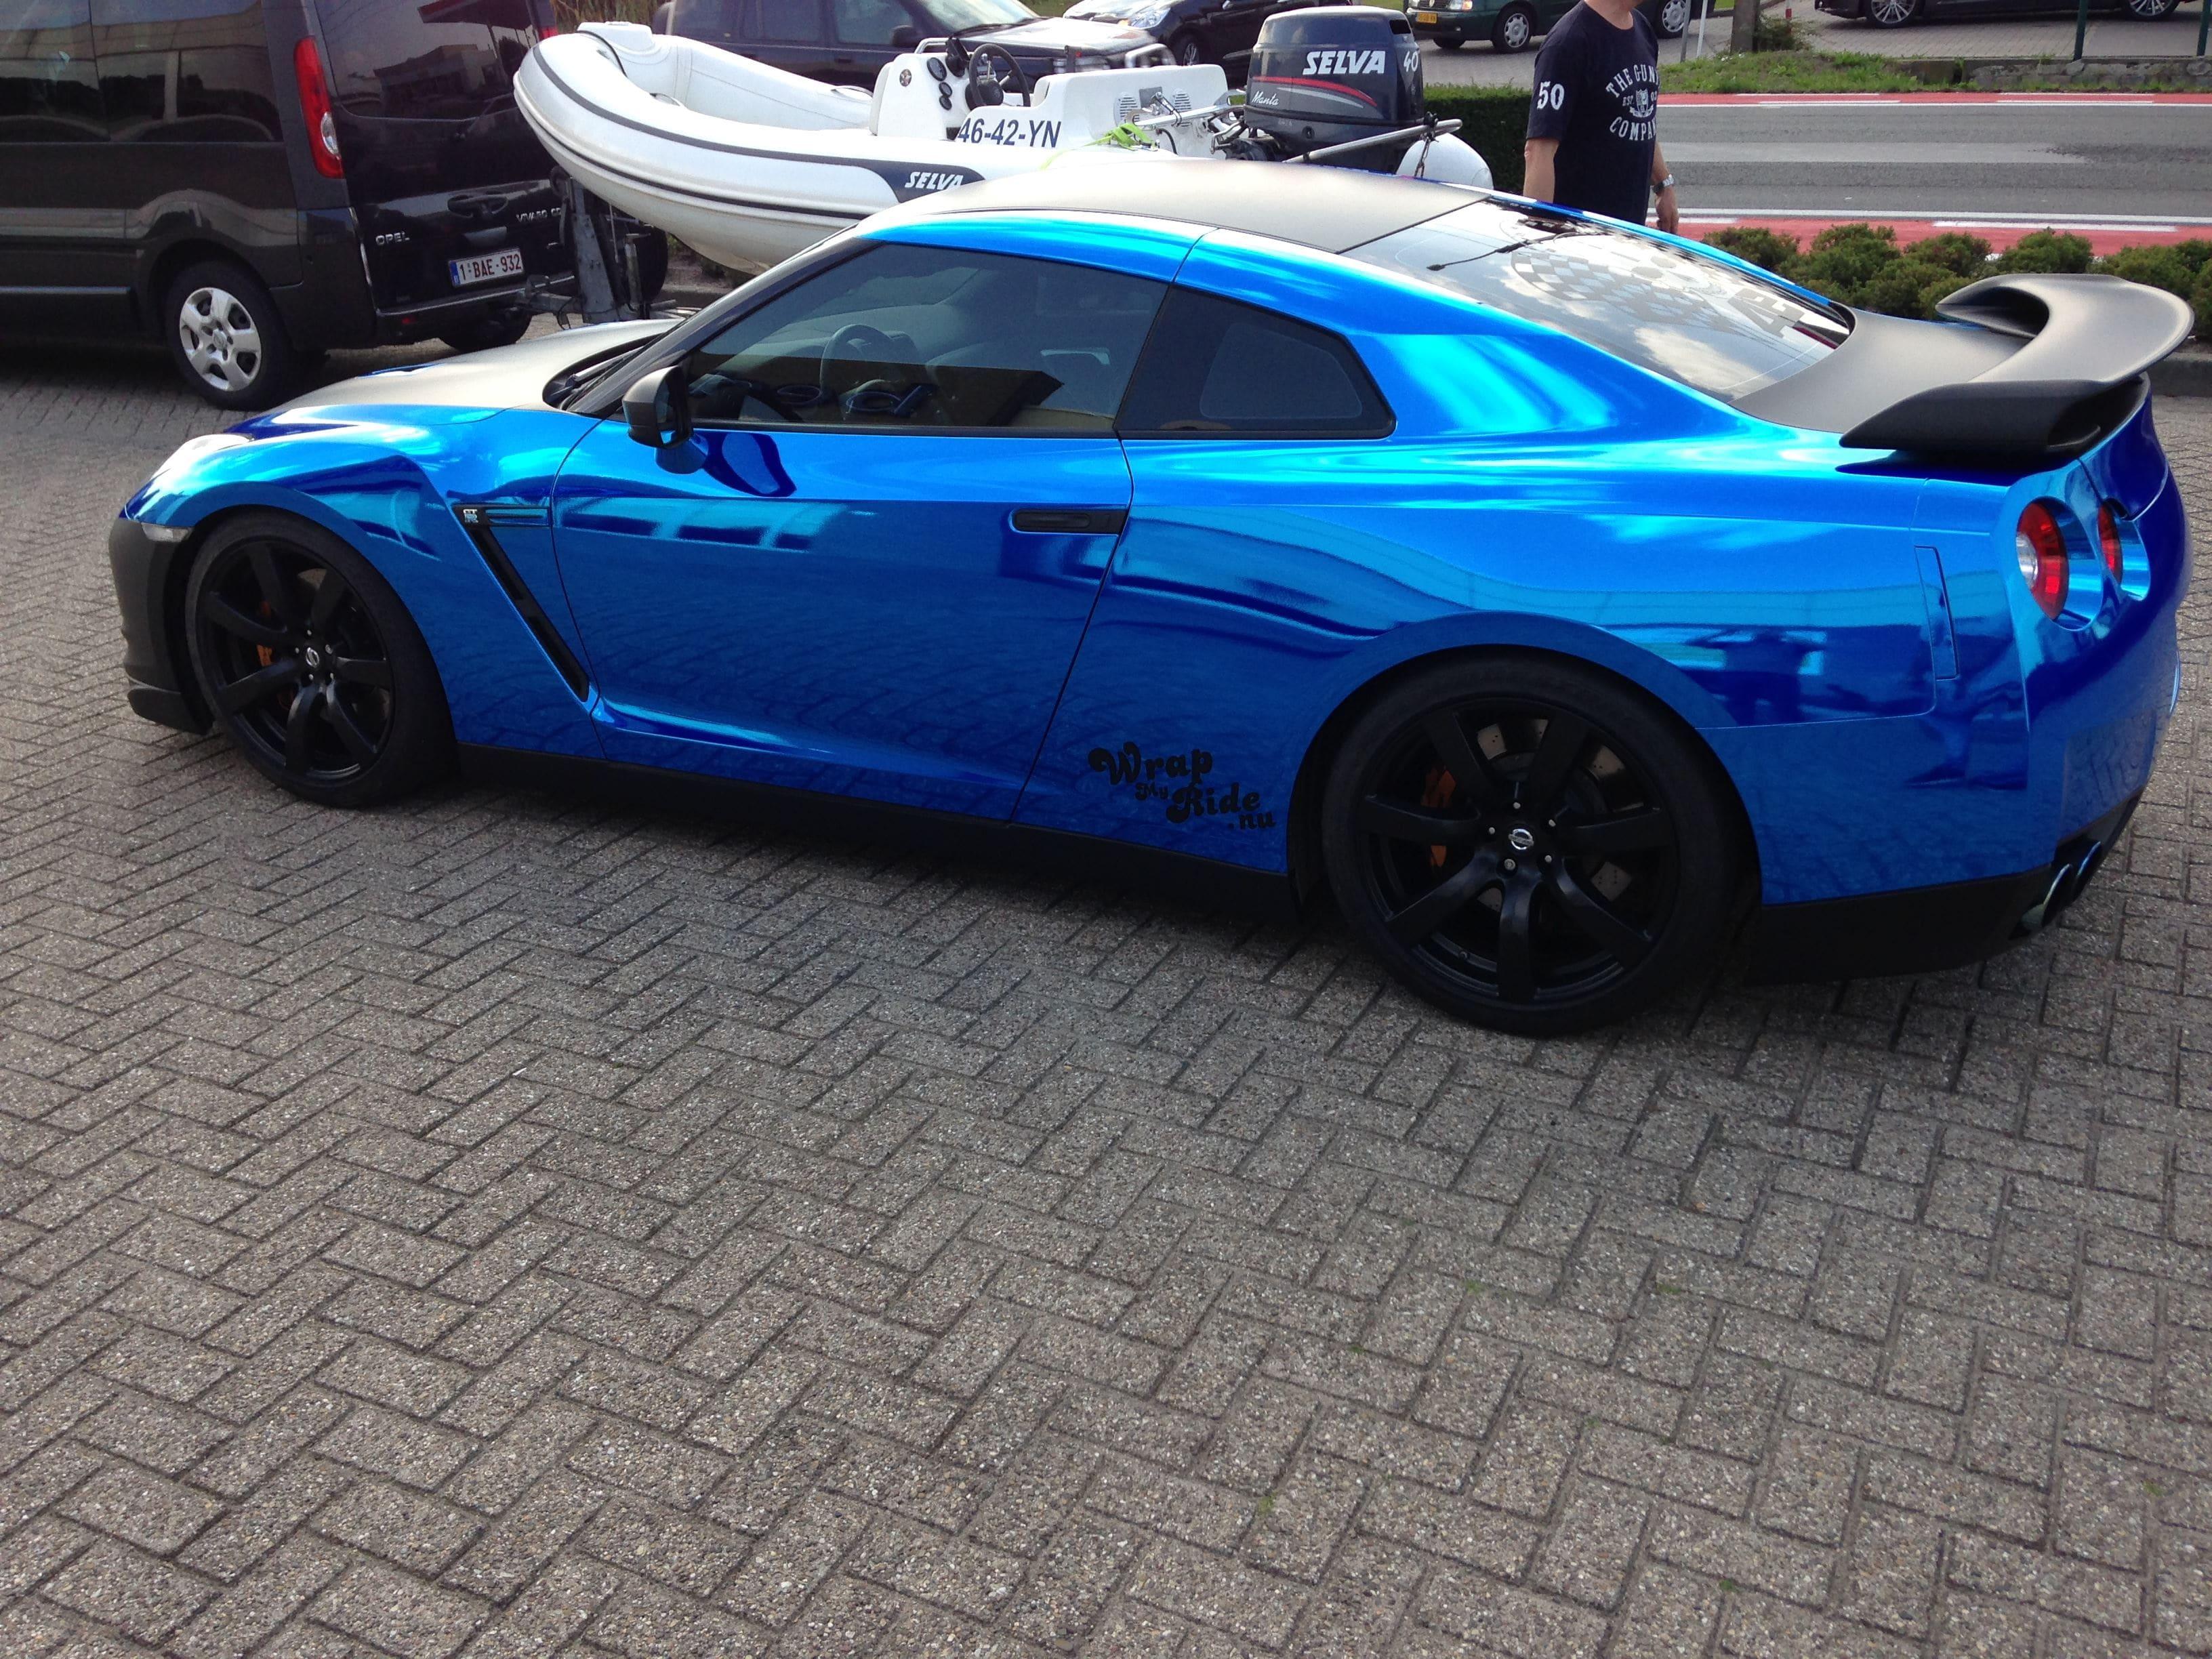 Nissan GT-R met Blue Chrome Wrap, Carwrapping door Wrapmyride.nu Foto-nr:6465, ©2021